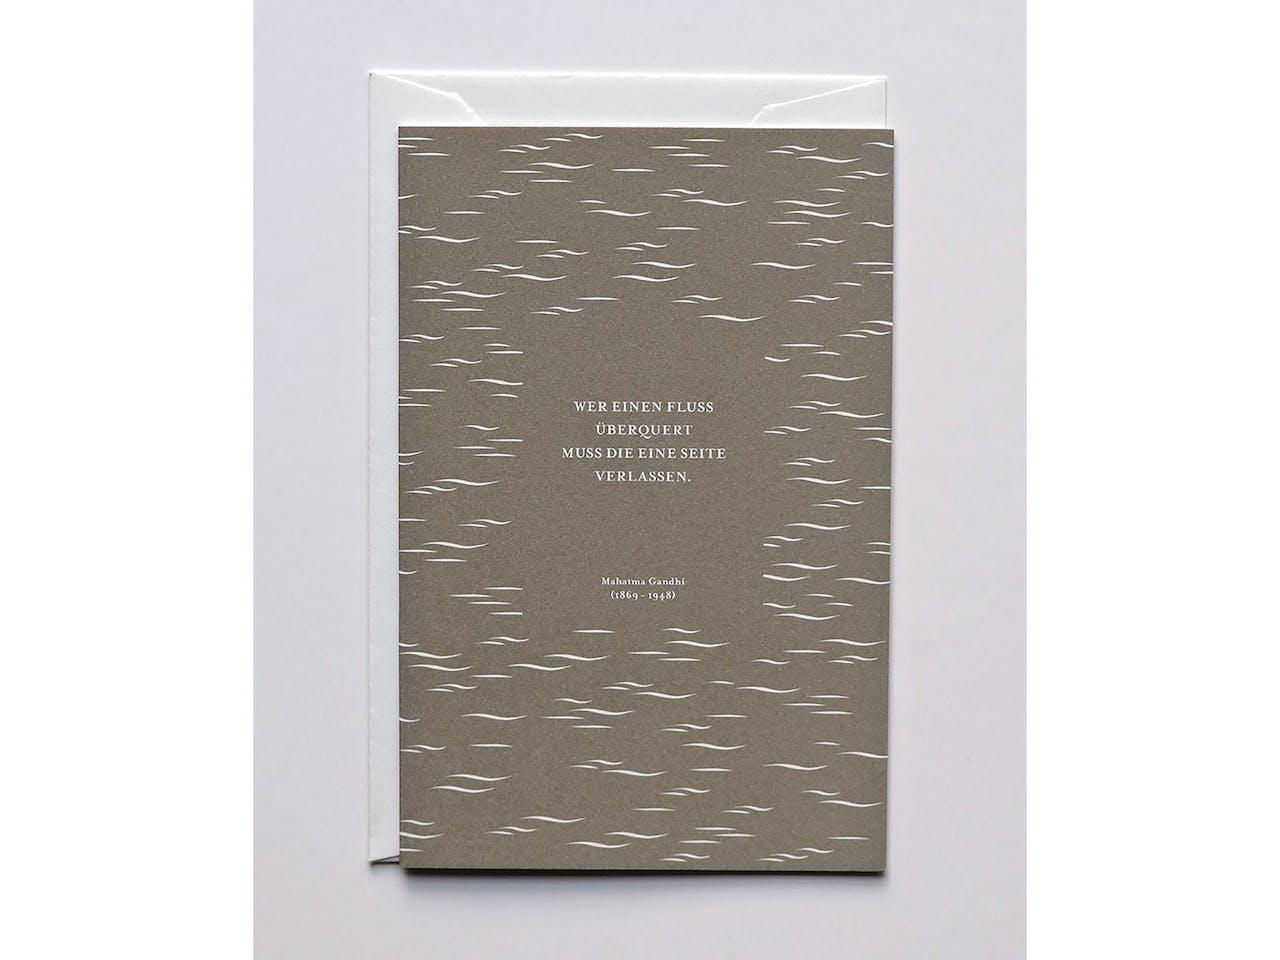 Haferkorn & Sauerbrey Grußkarte, DIN B6, Klappkarte mit Kuvert, Gandhi